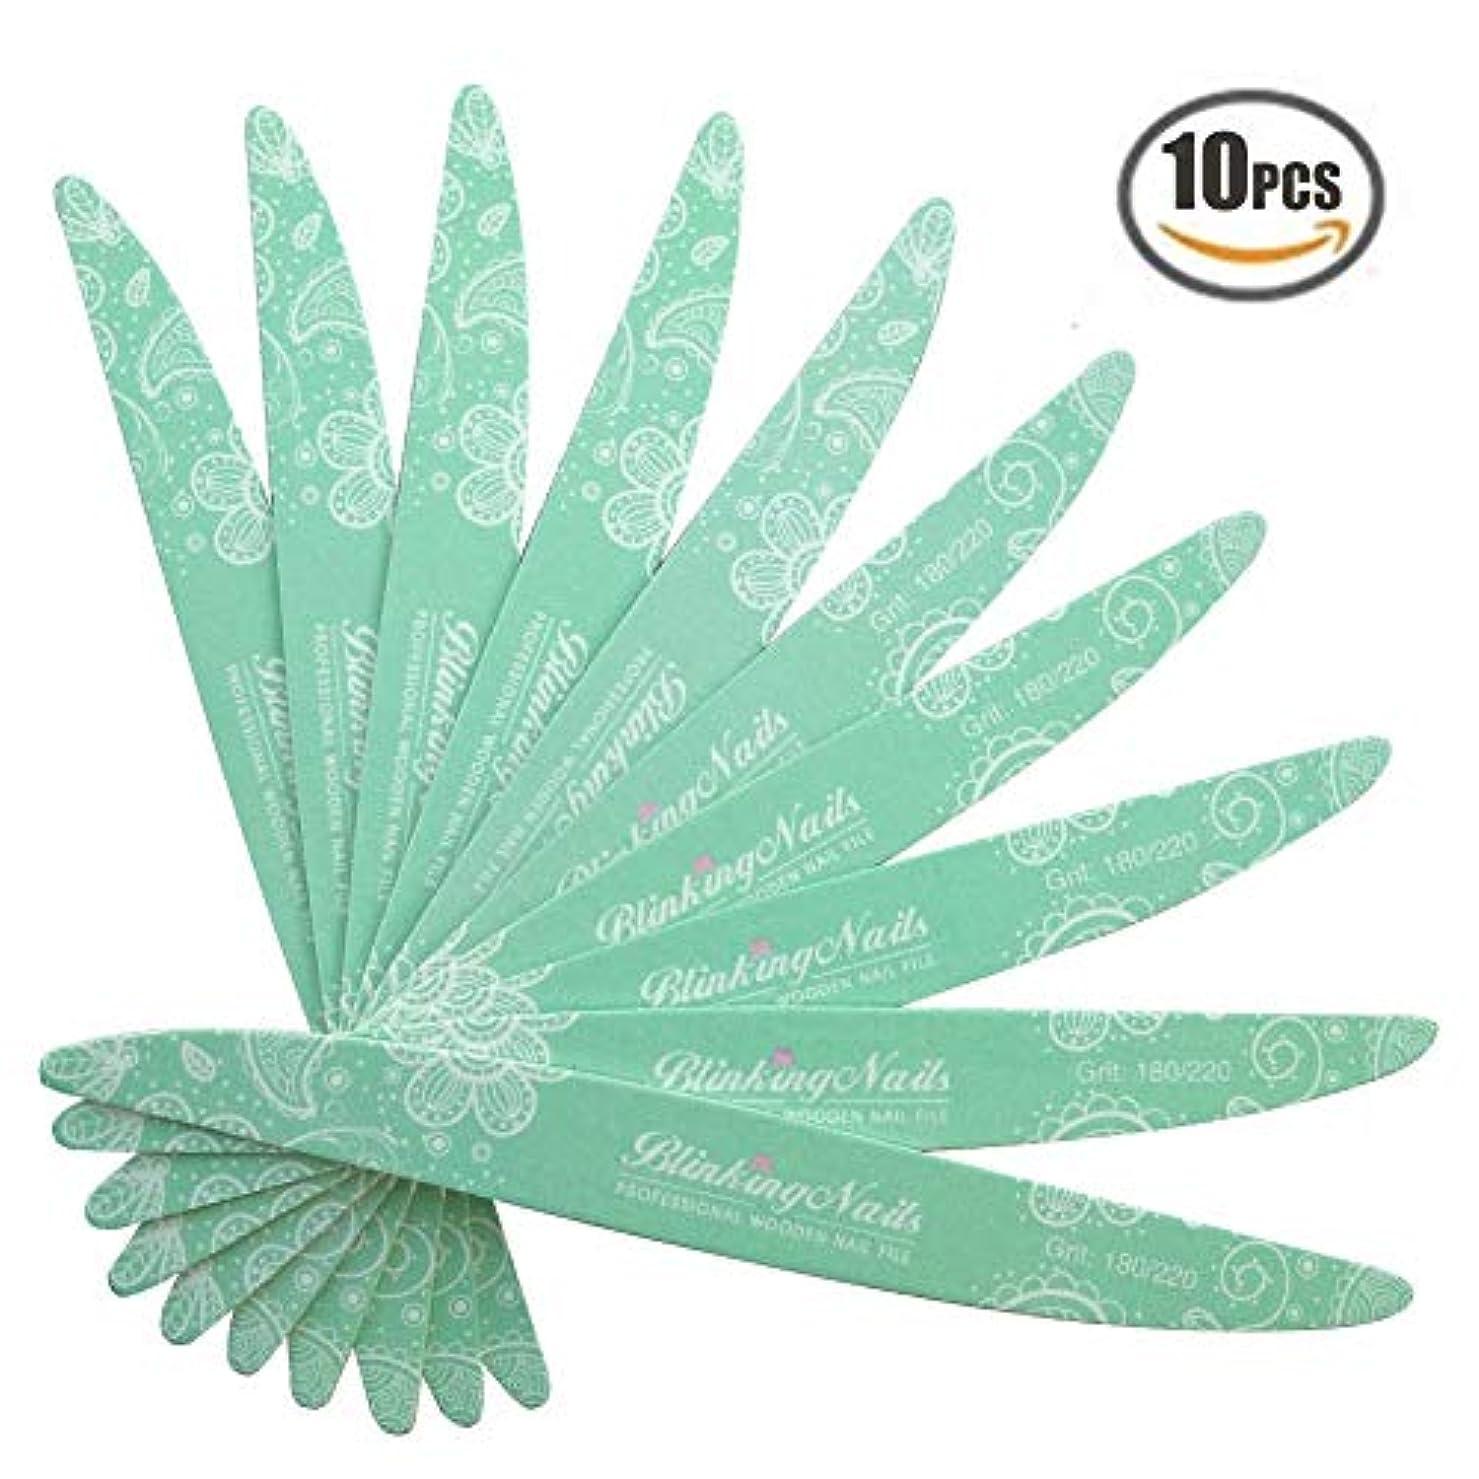 習字私たちのデイジーネイルファイル 洗濯可プロネイルやすり 研磨ツール 爪やすり 木製 ケアツール 両面タイプのエメリーボード 10枚入 180/220砂 緑の柳葉形 グリーン 携帯便利